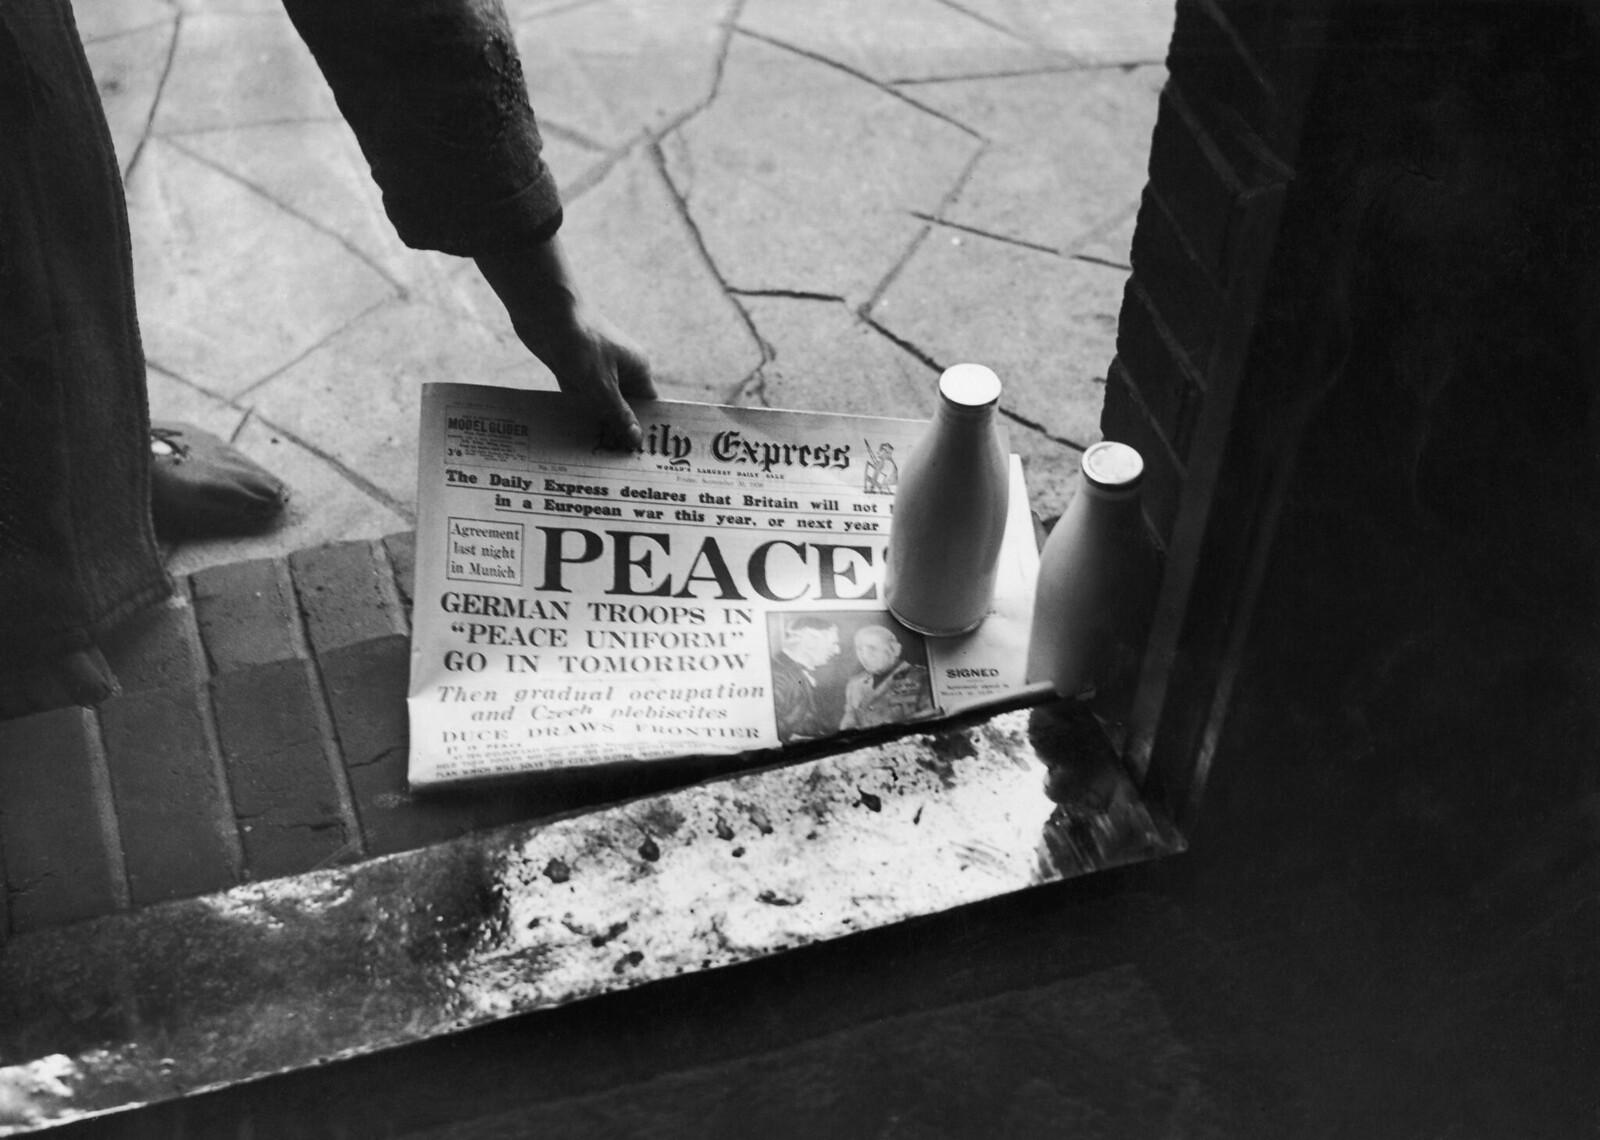 96. 30 сентября. Утренний номер Daily Express заверяет публику, что Великобритания не пойдет на войну